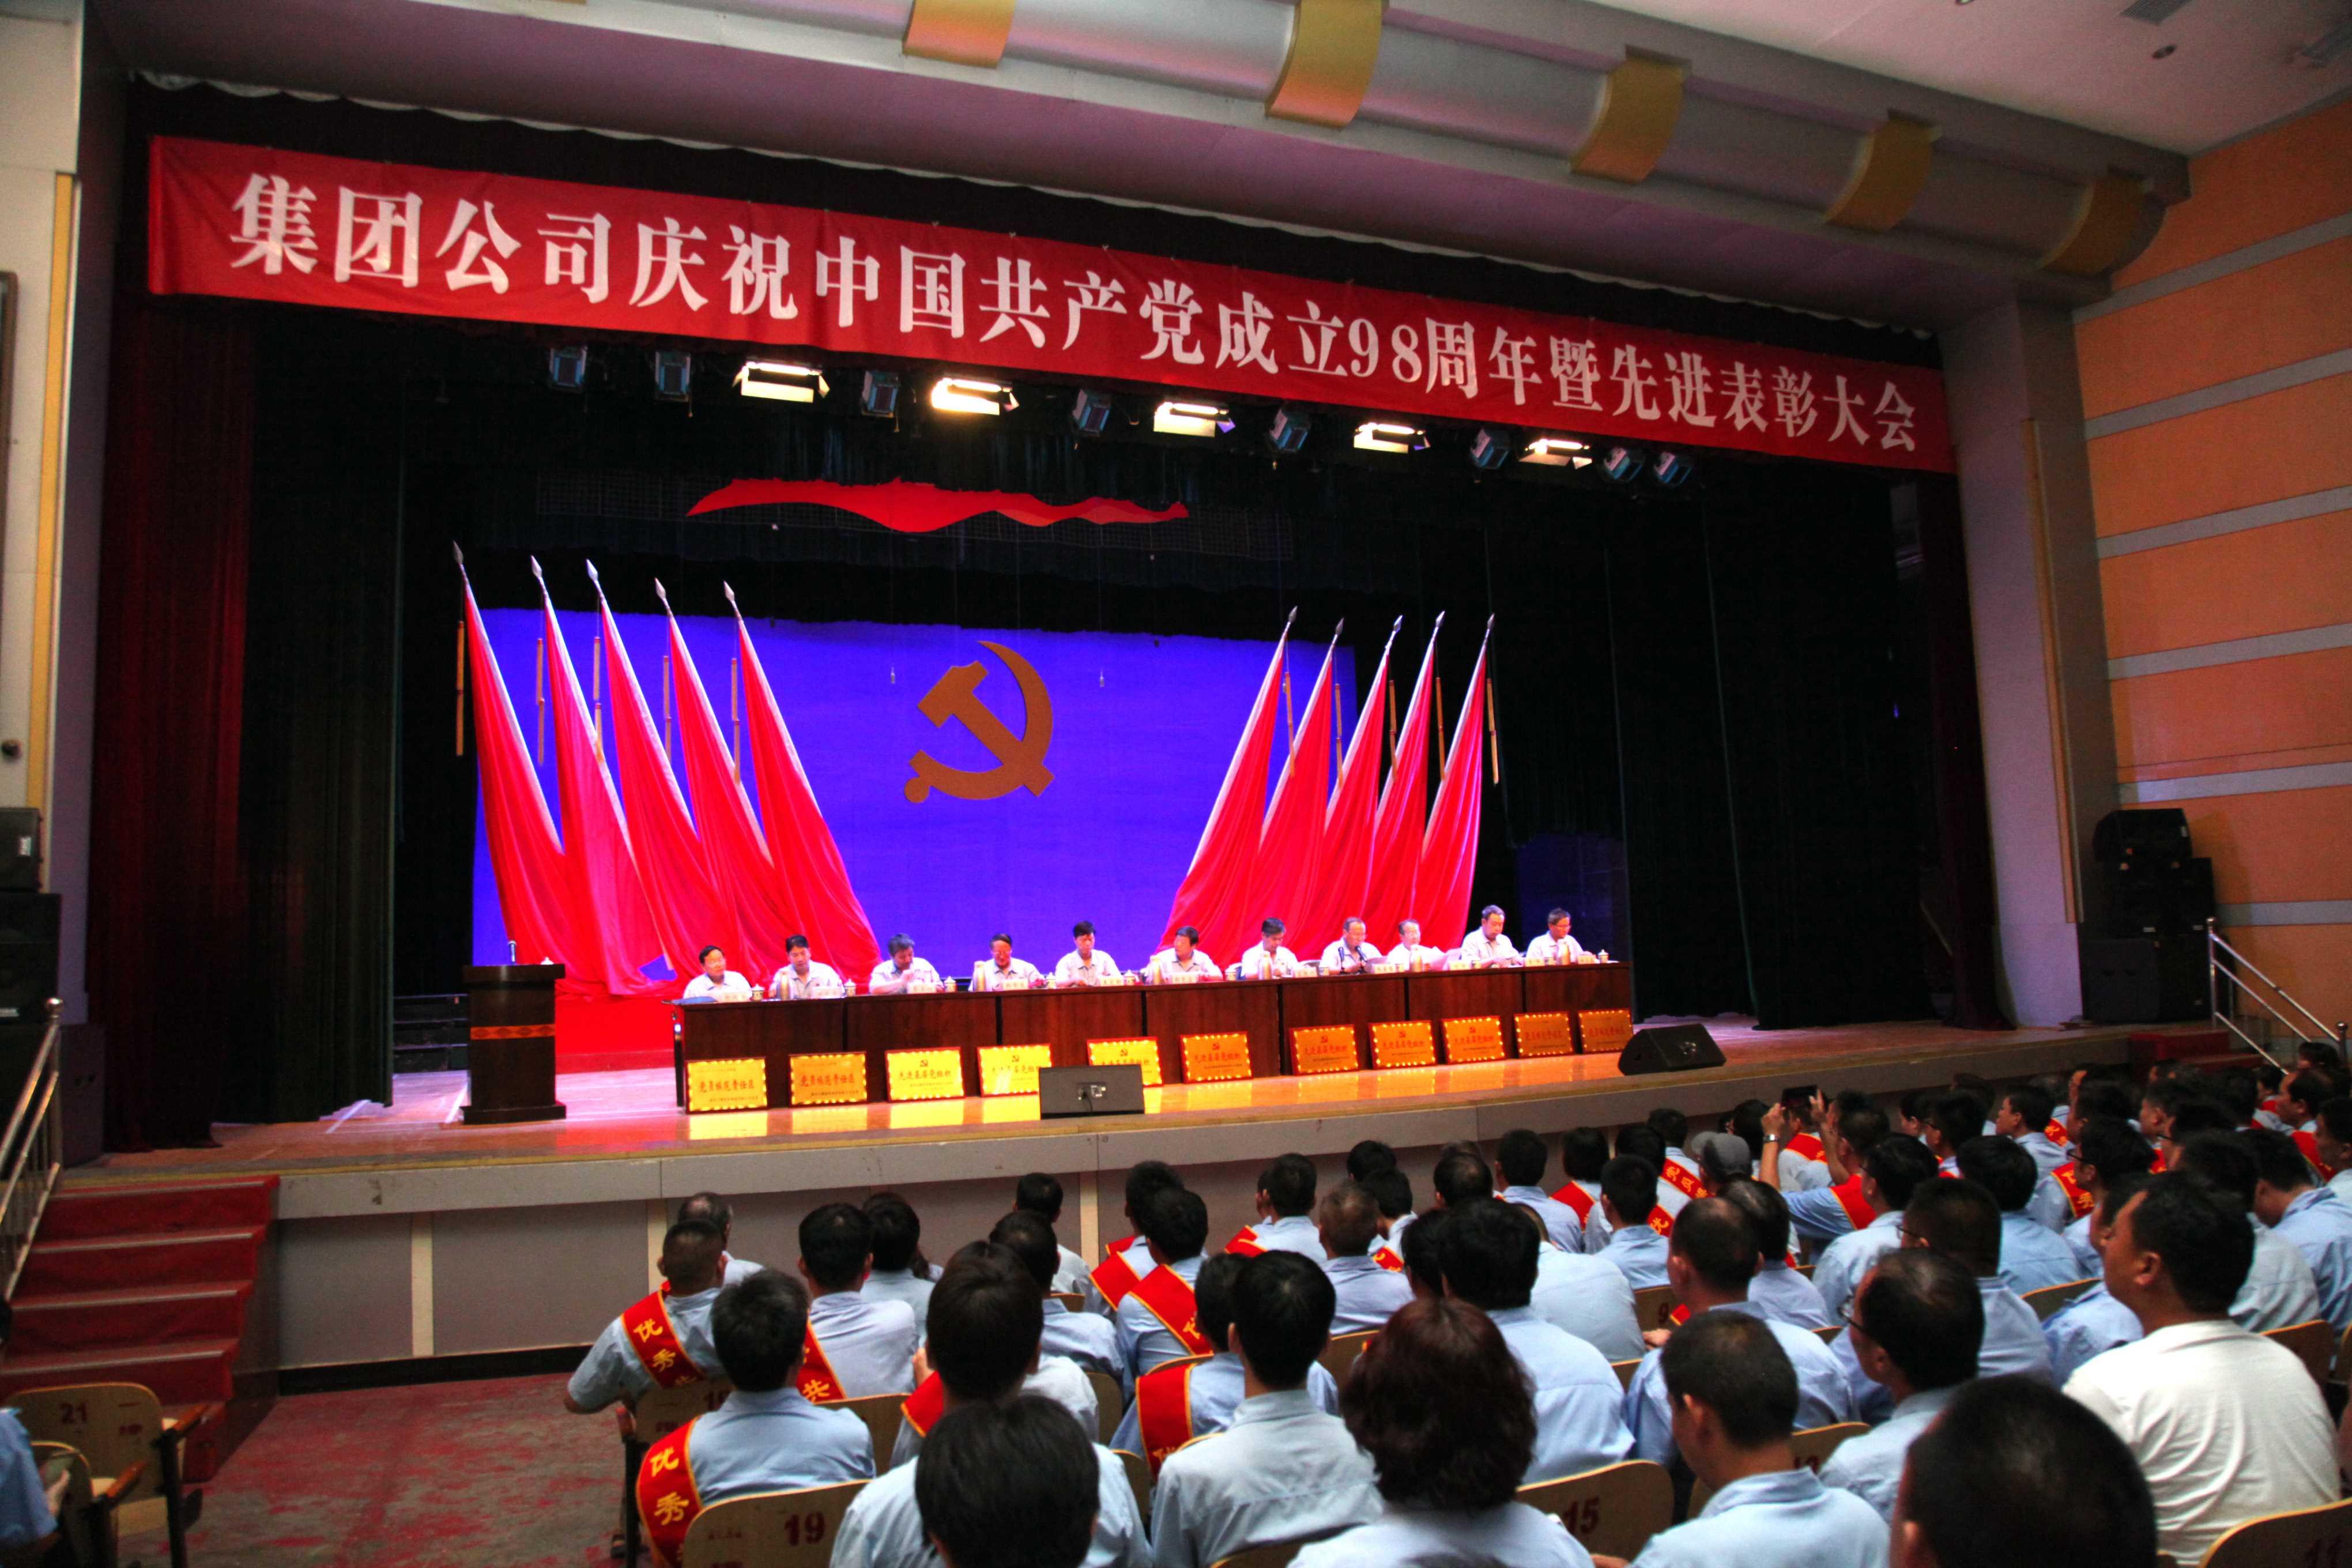 公司党委召开庆祝中国共产党成立九十八周年暨先进表彰大会